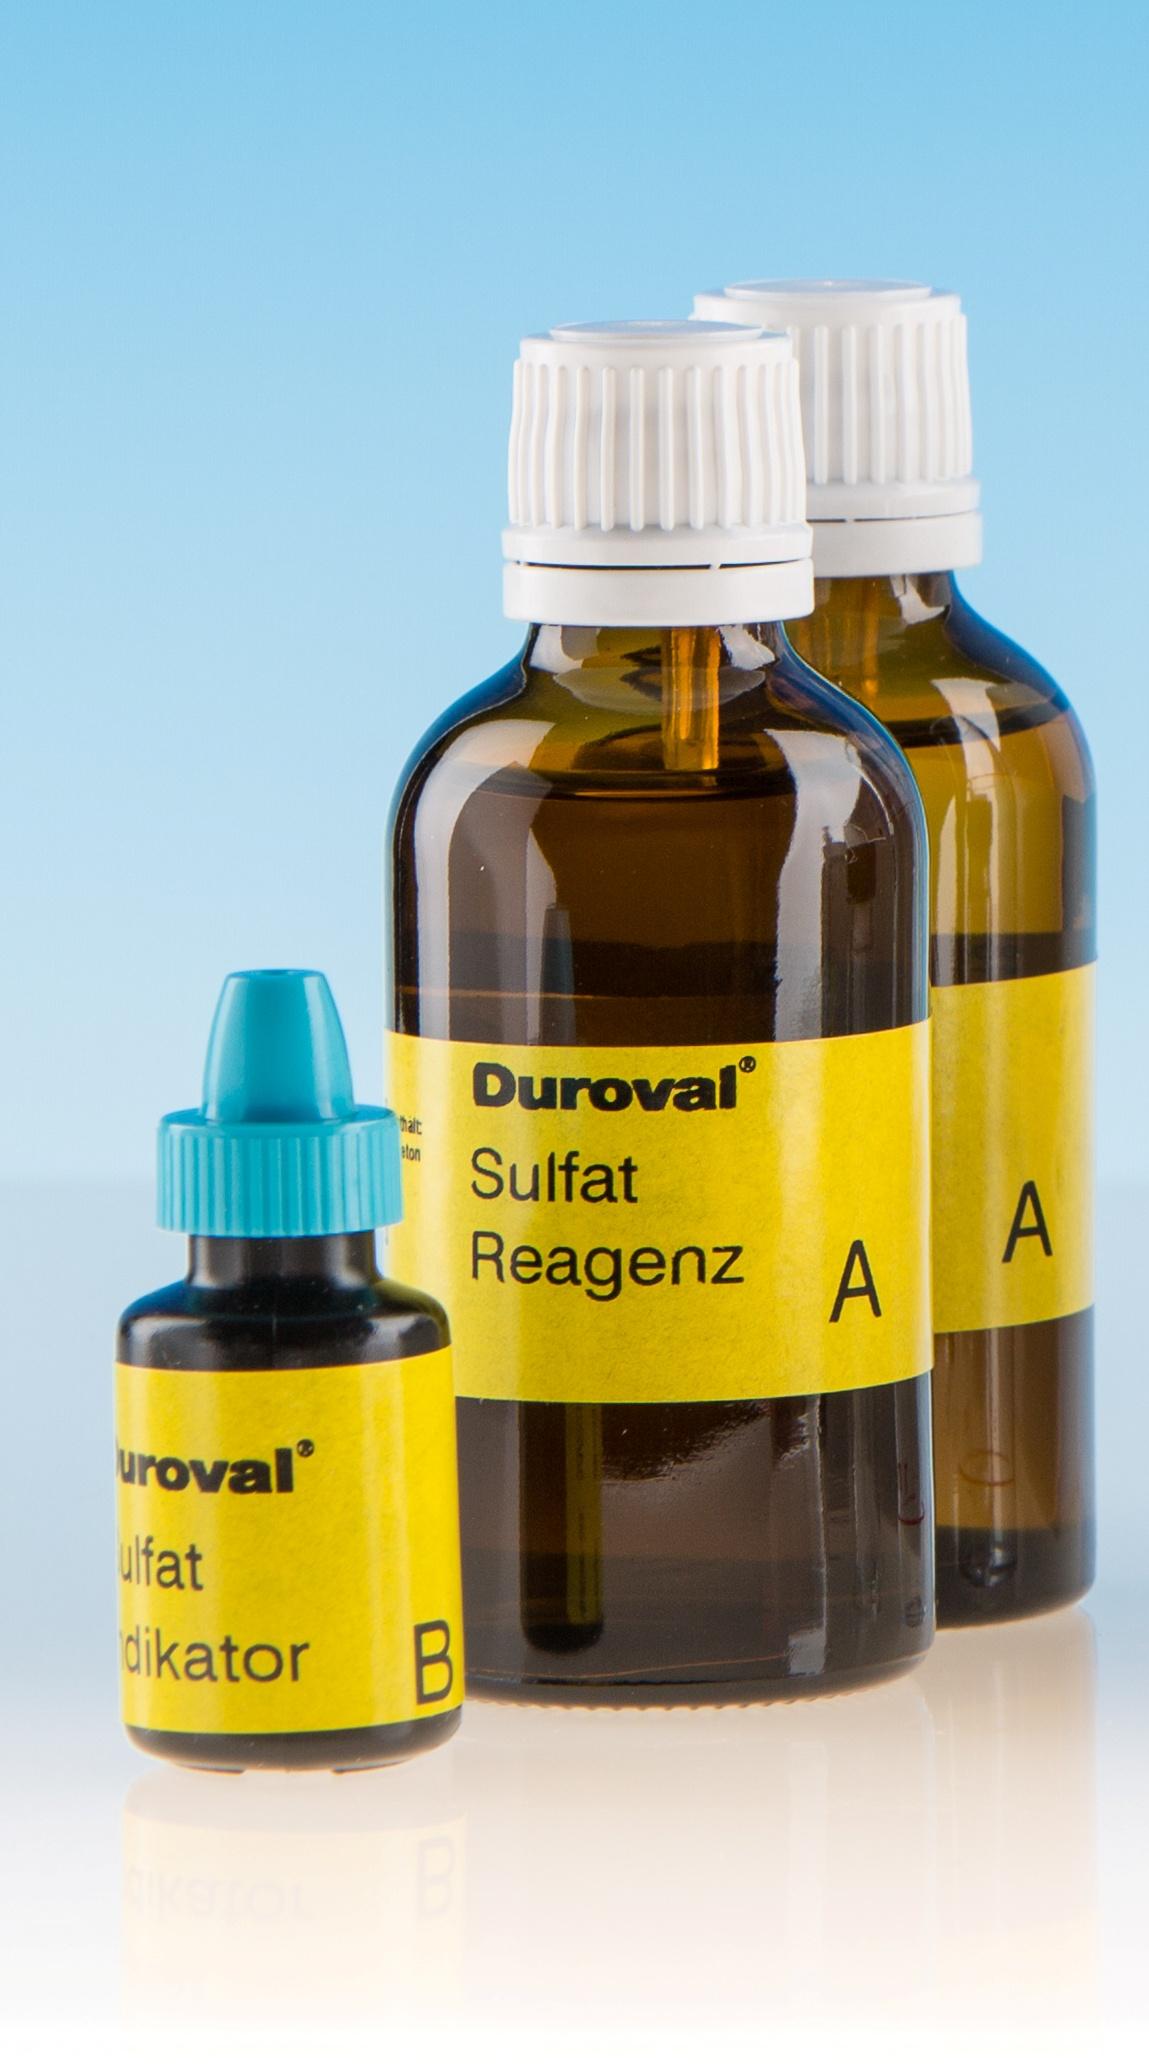 DUROVAL® Sulfat SO4 Reagenz A Nachfüllpackung